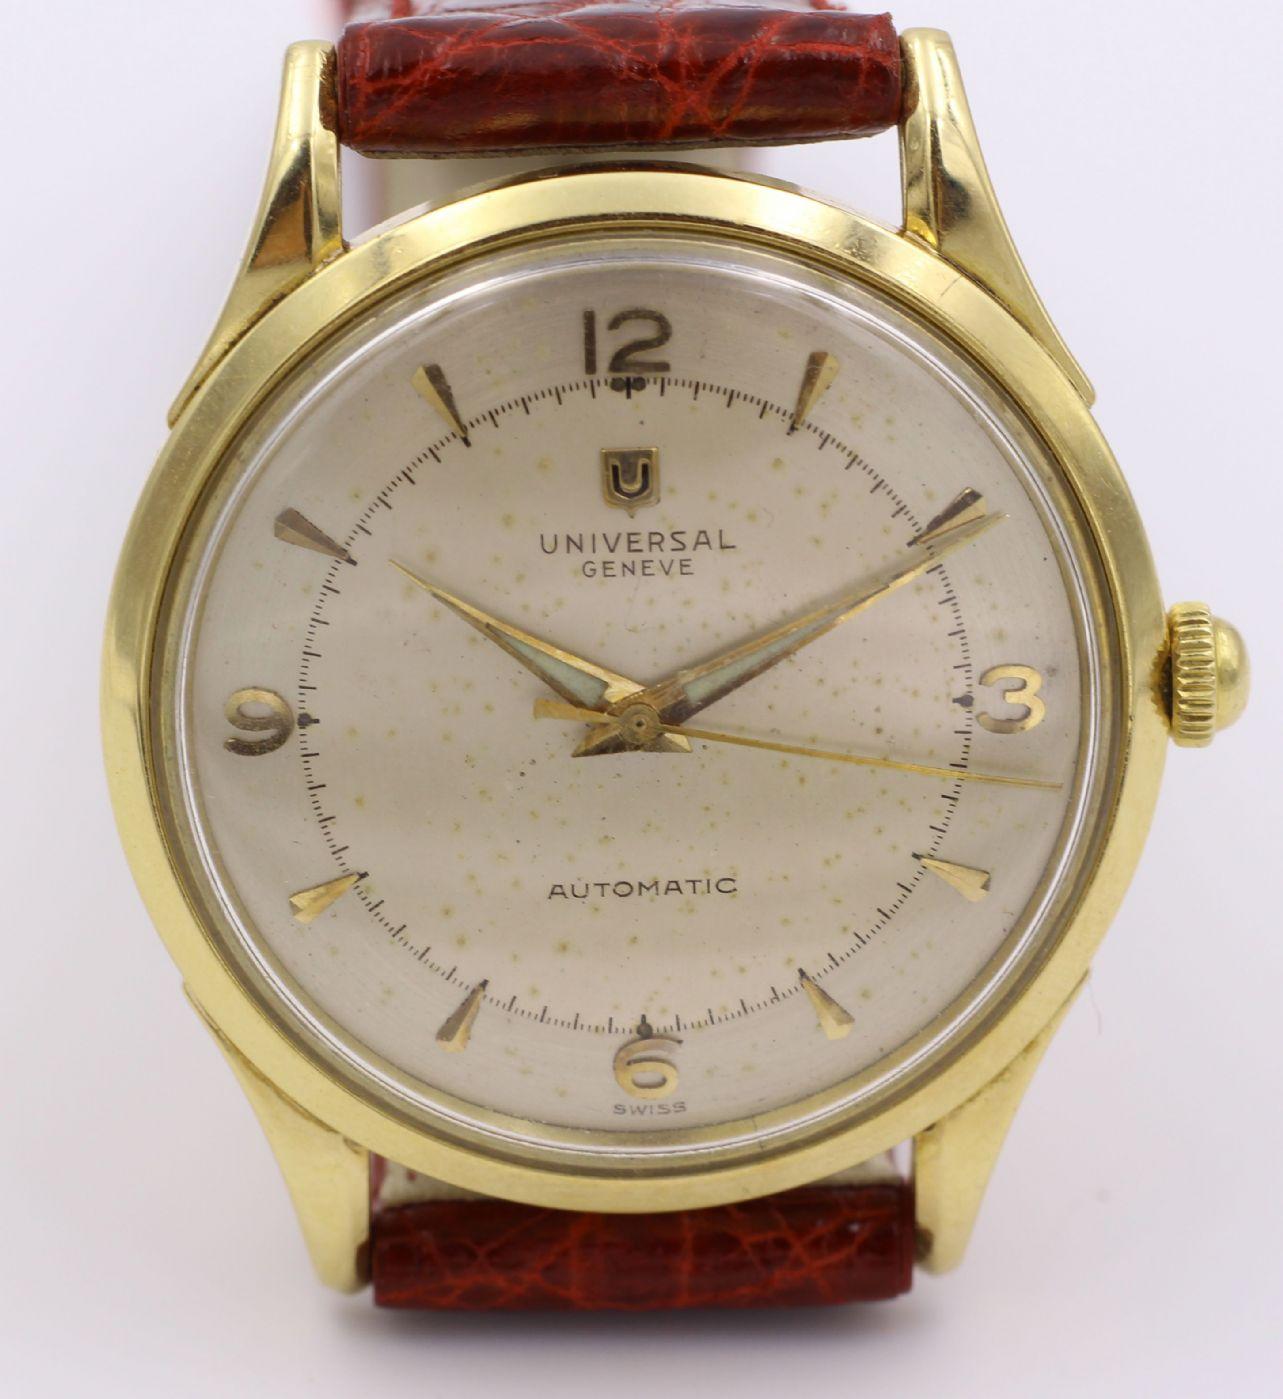 Saldi 2019 spedizione gratuita cerca l'originale Universal Universal Geneve wrist watch (bumper) in 18k gold ...